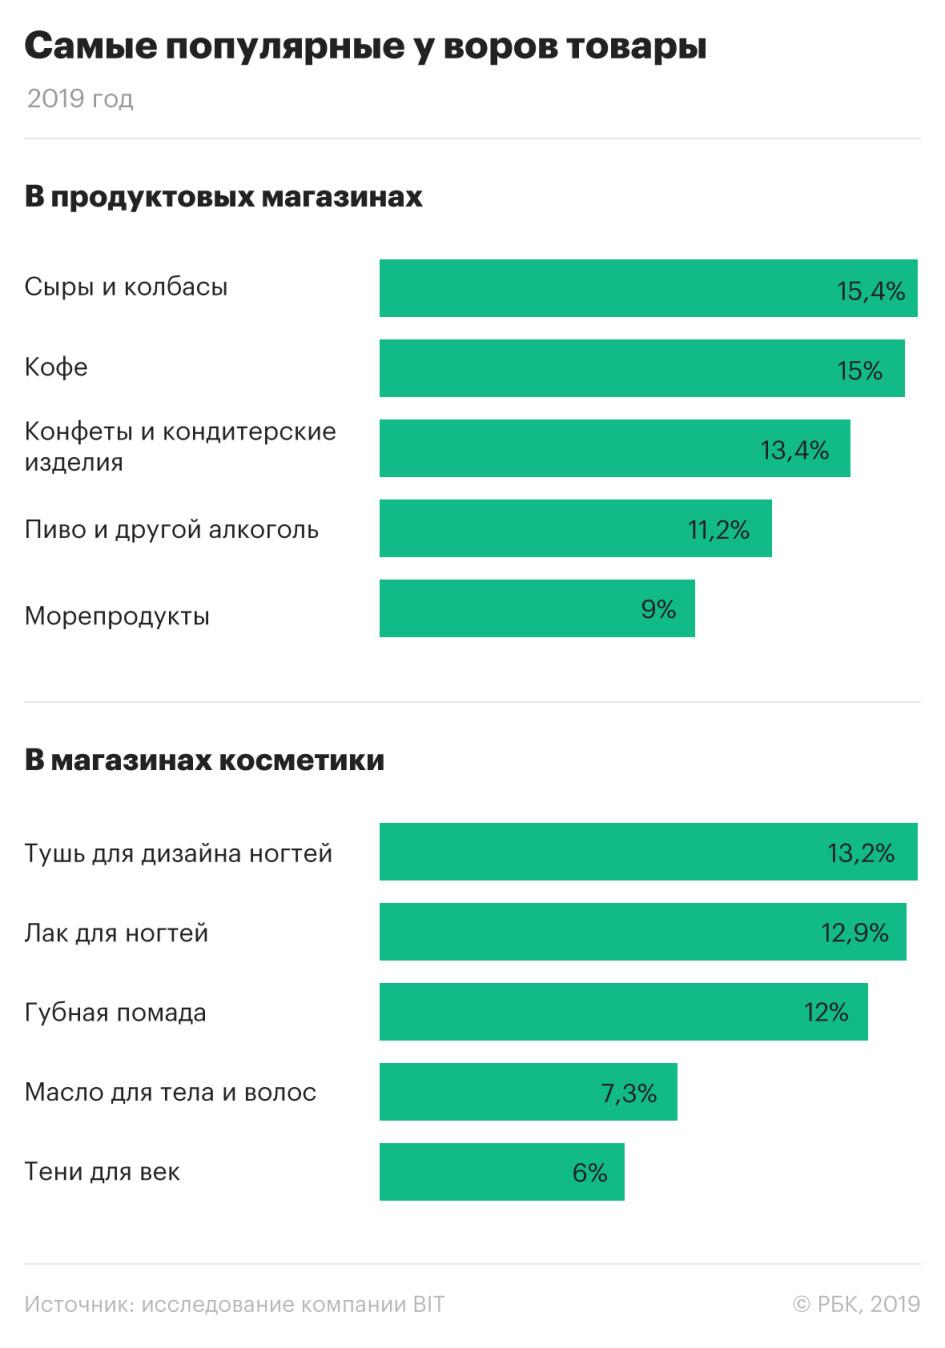 В России определили список самых популярных у воров товаров (ИНФОГРАФИКА)